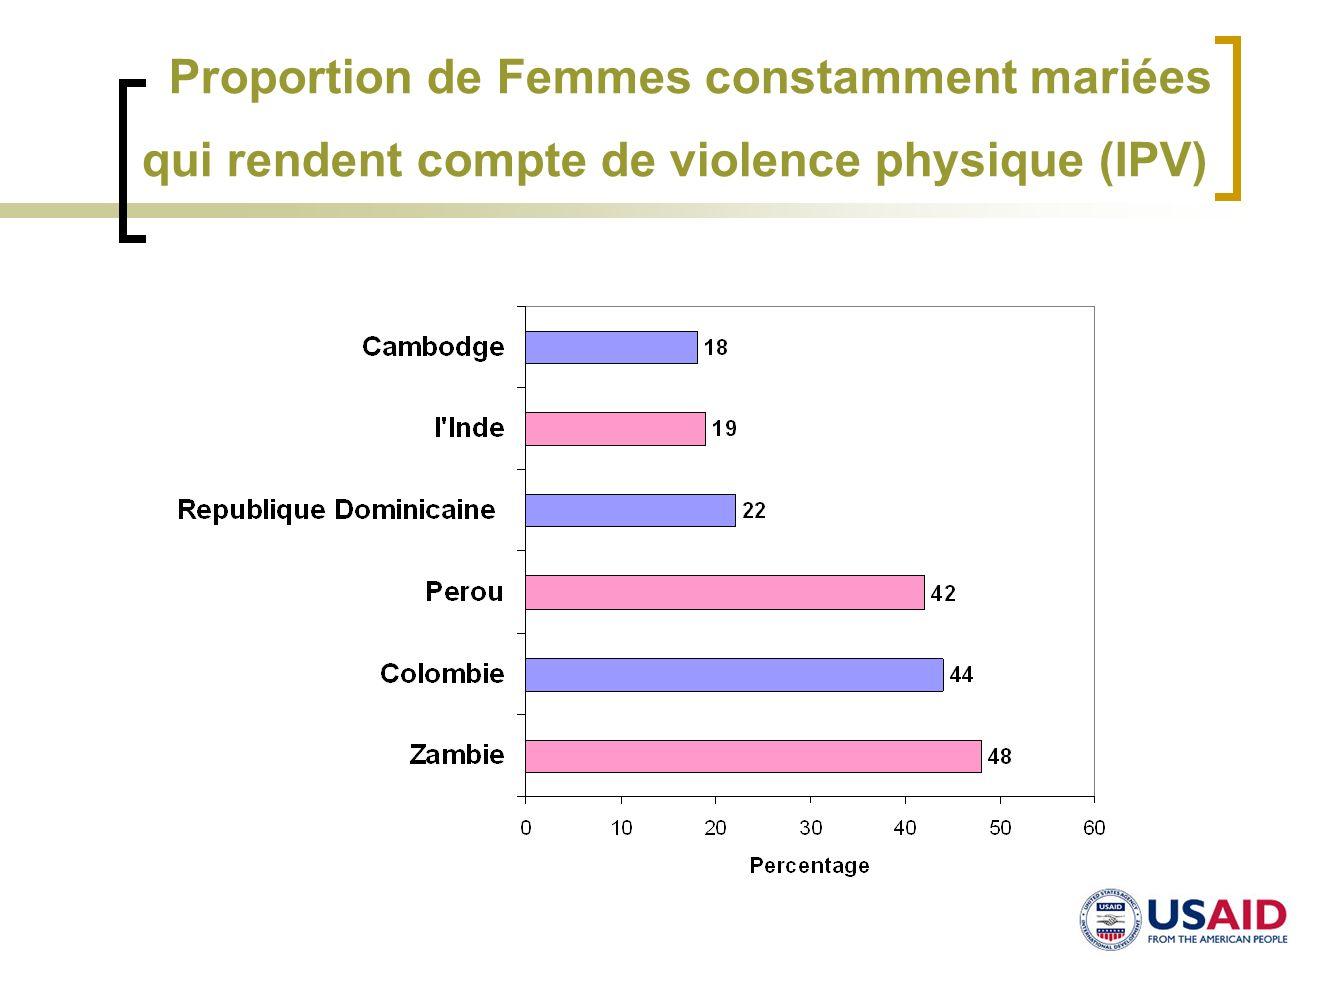 Proportion de Femmes constamment mariées qui rendent compte de violence physique (IPV)